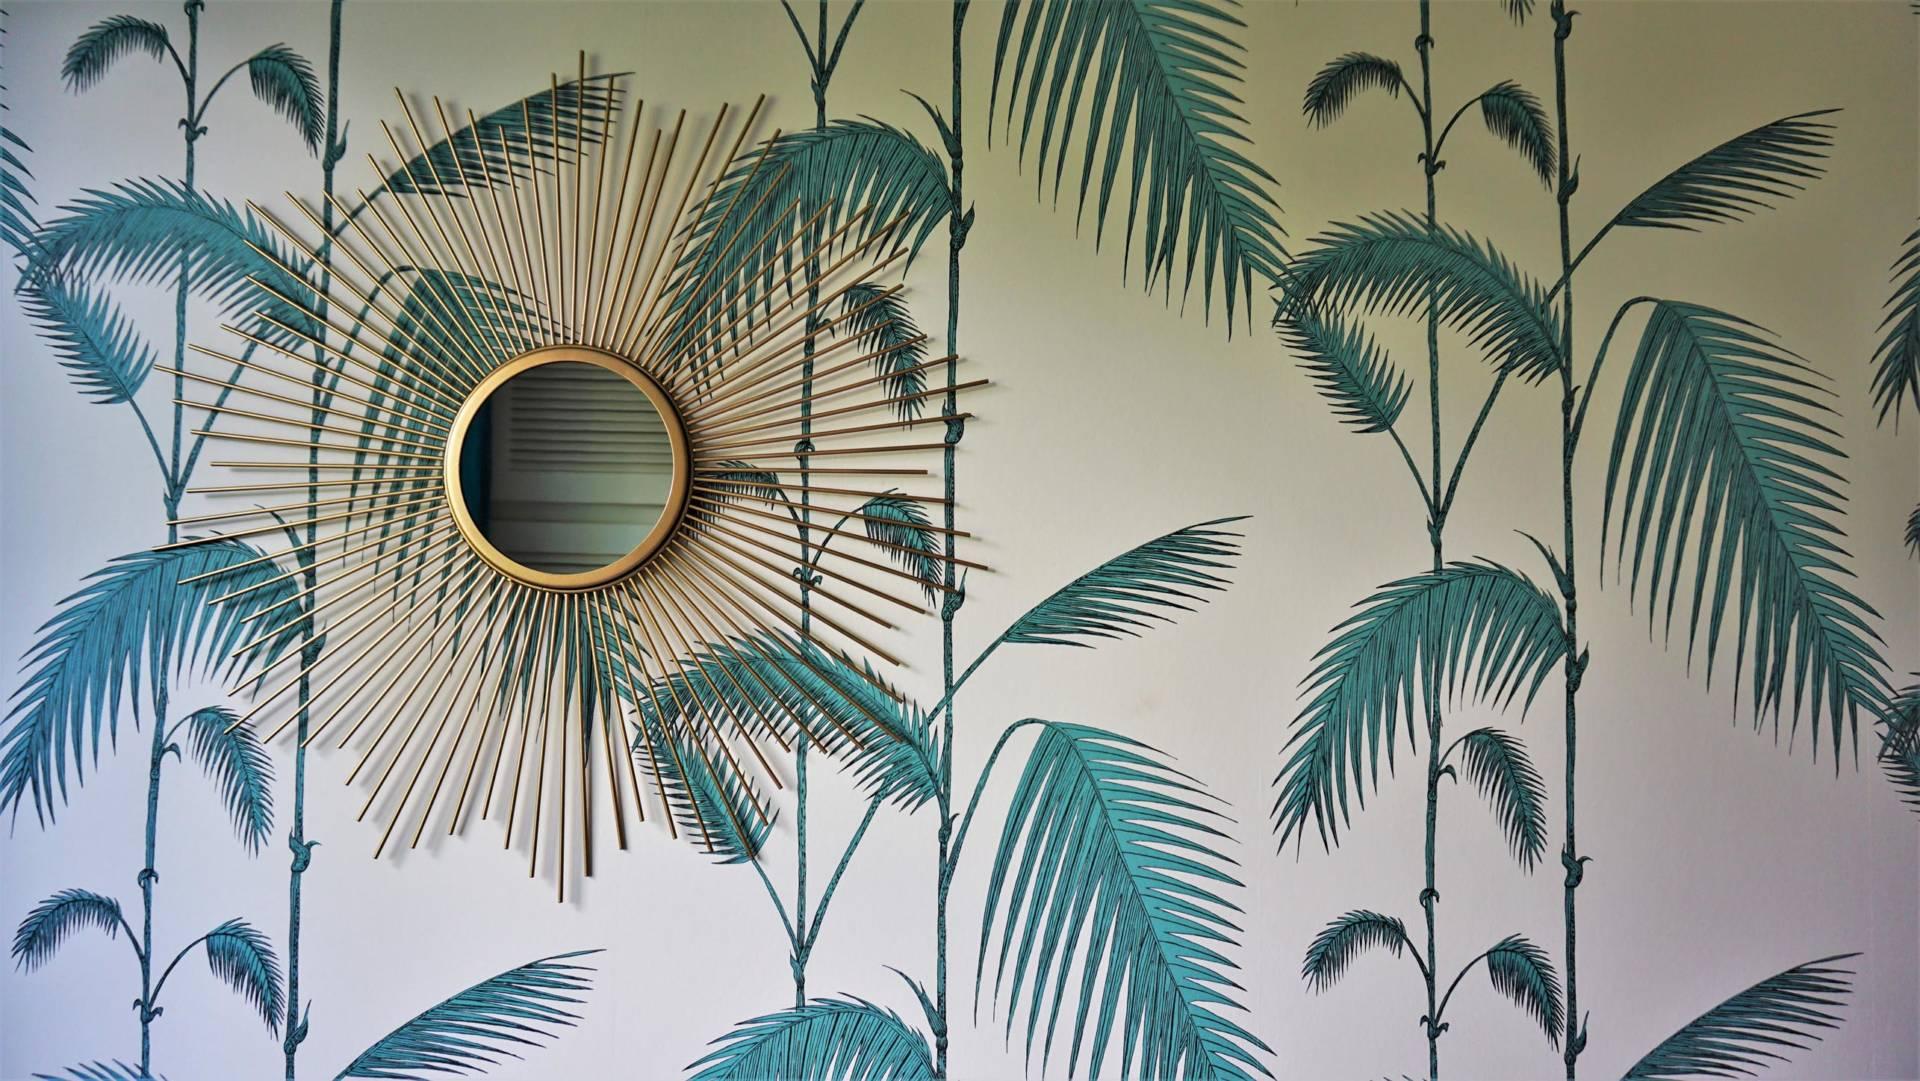 Décoration chambre par Anne Solenn Chérat, Décoratrice UFDI sur Lorient, Vannes, Pontivy : appartement bord de mer.